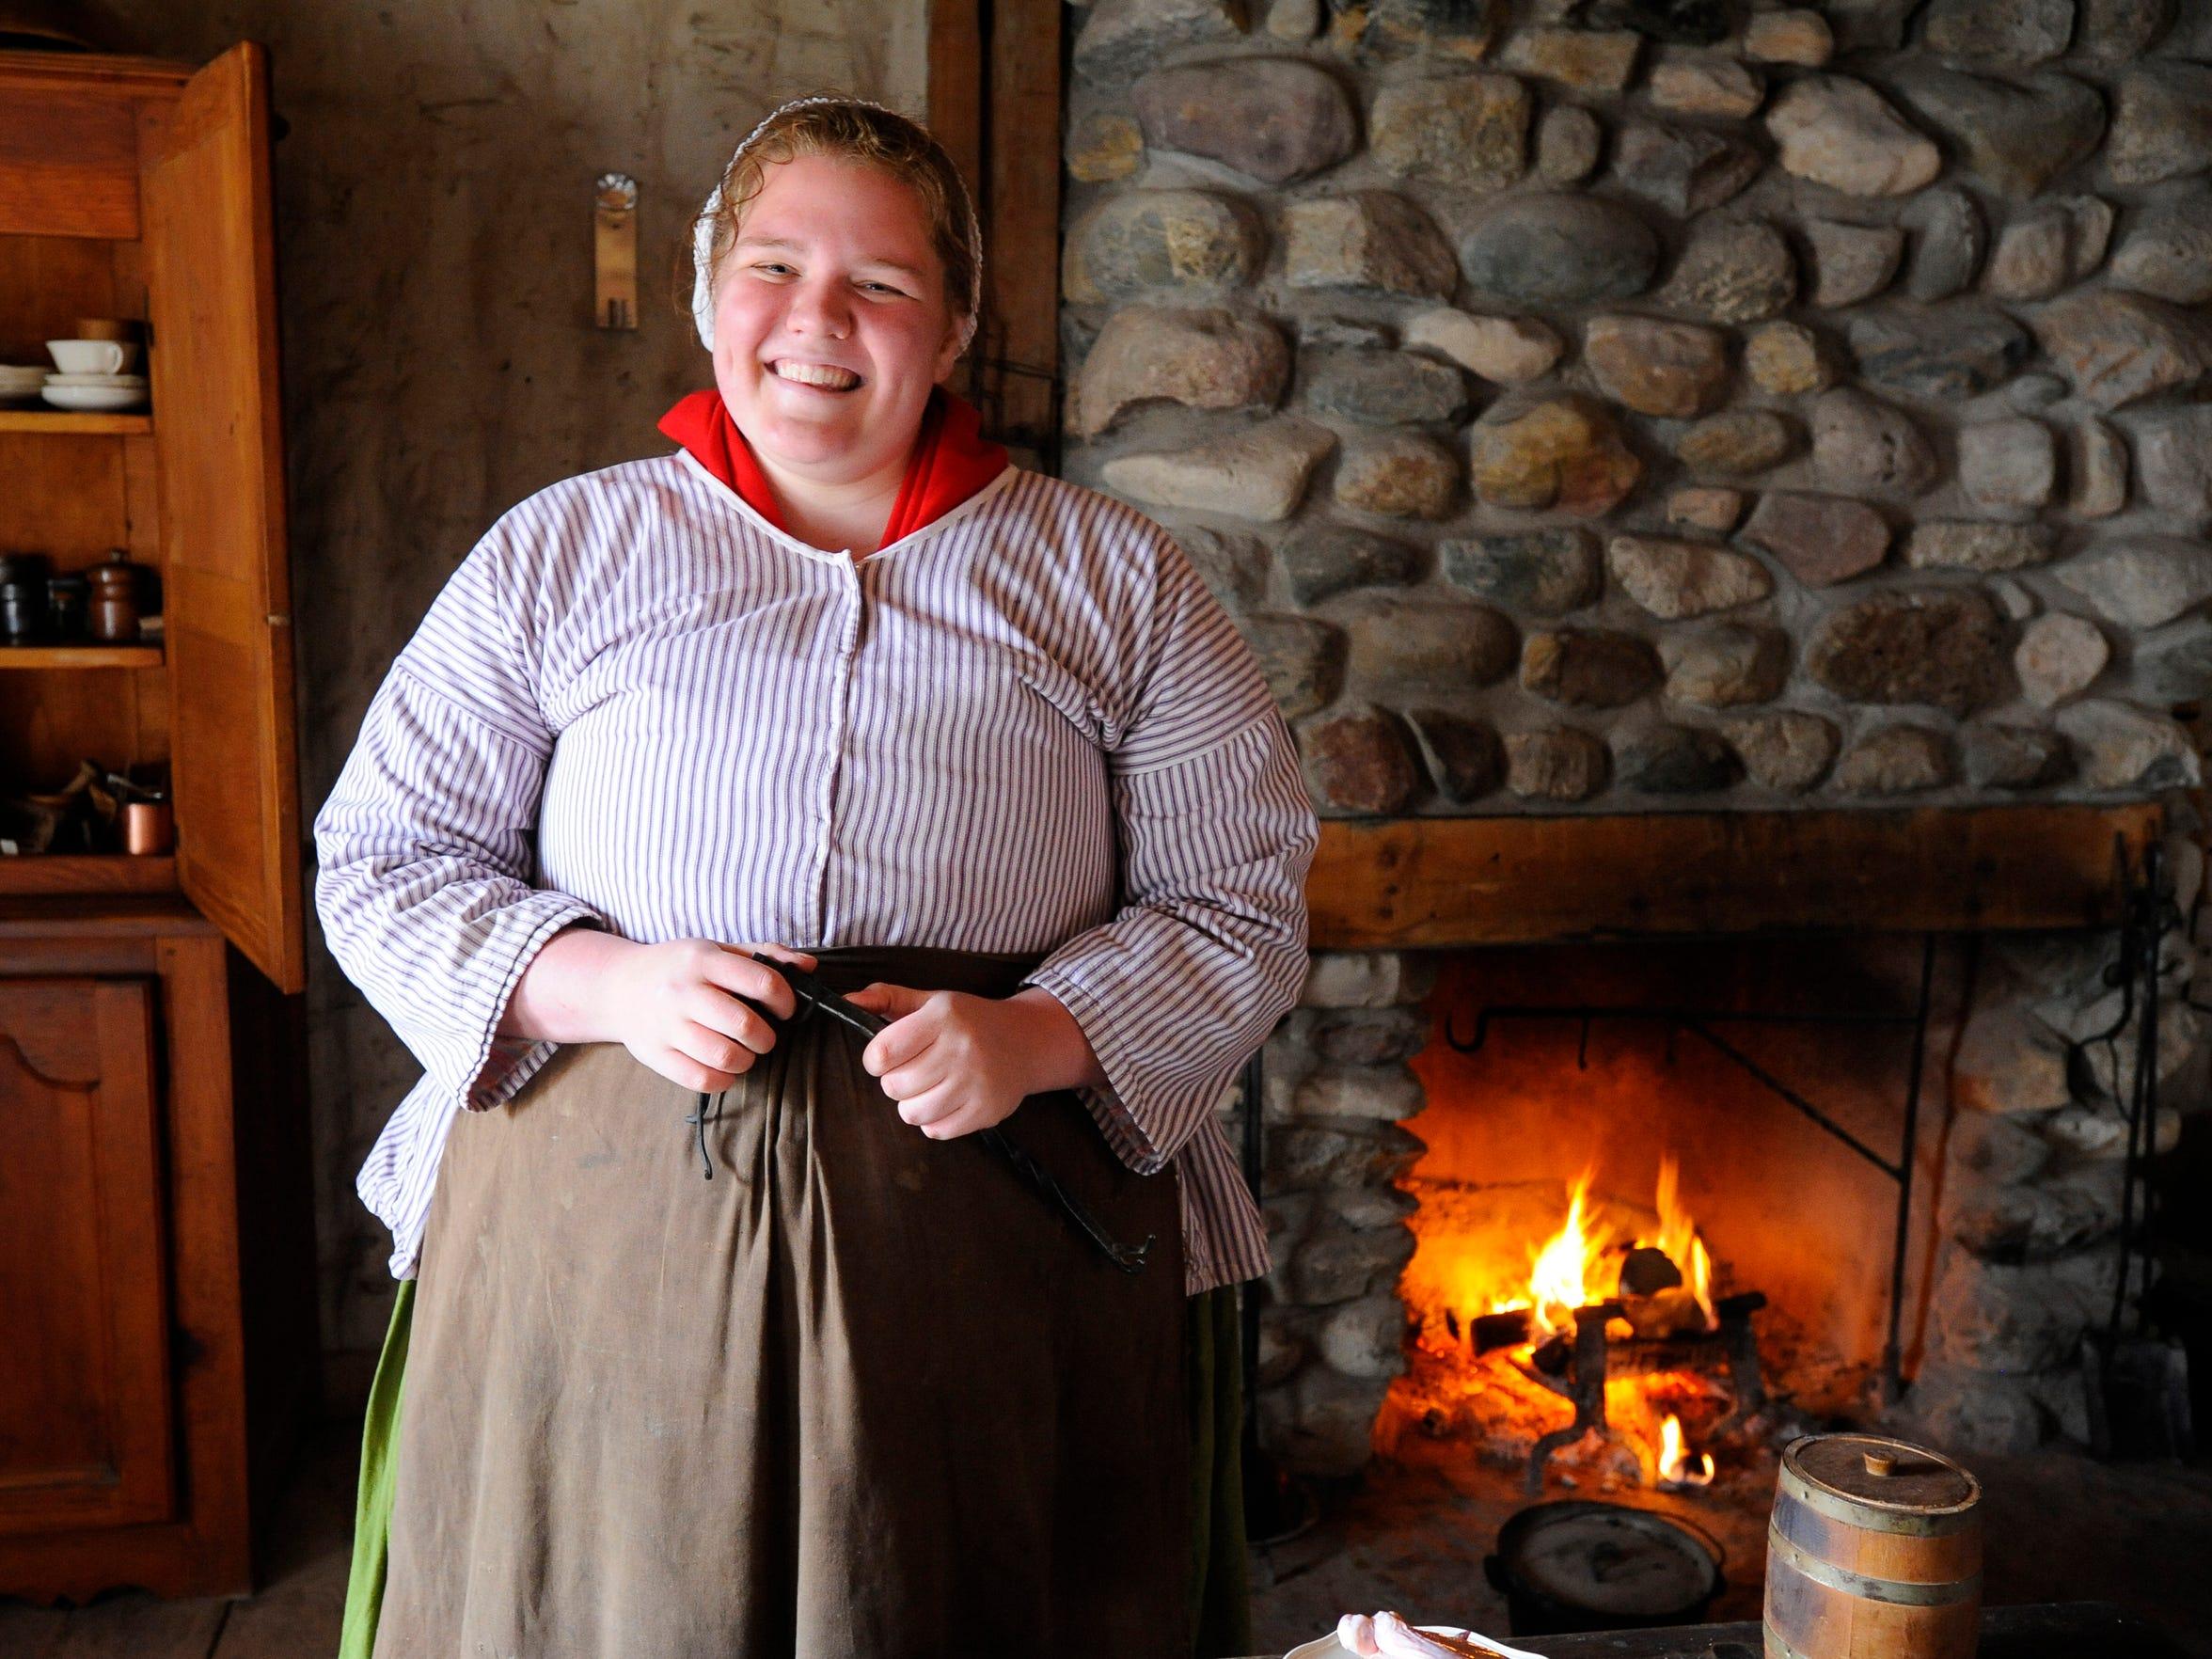 Historical interpreter Emily Havlena portrays a French